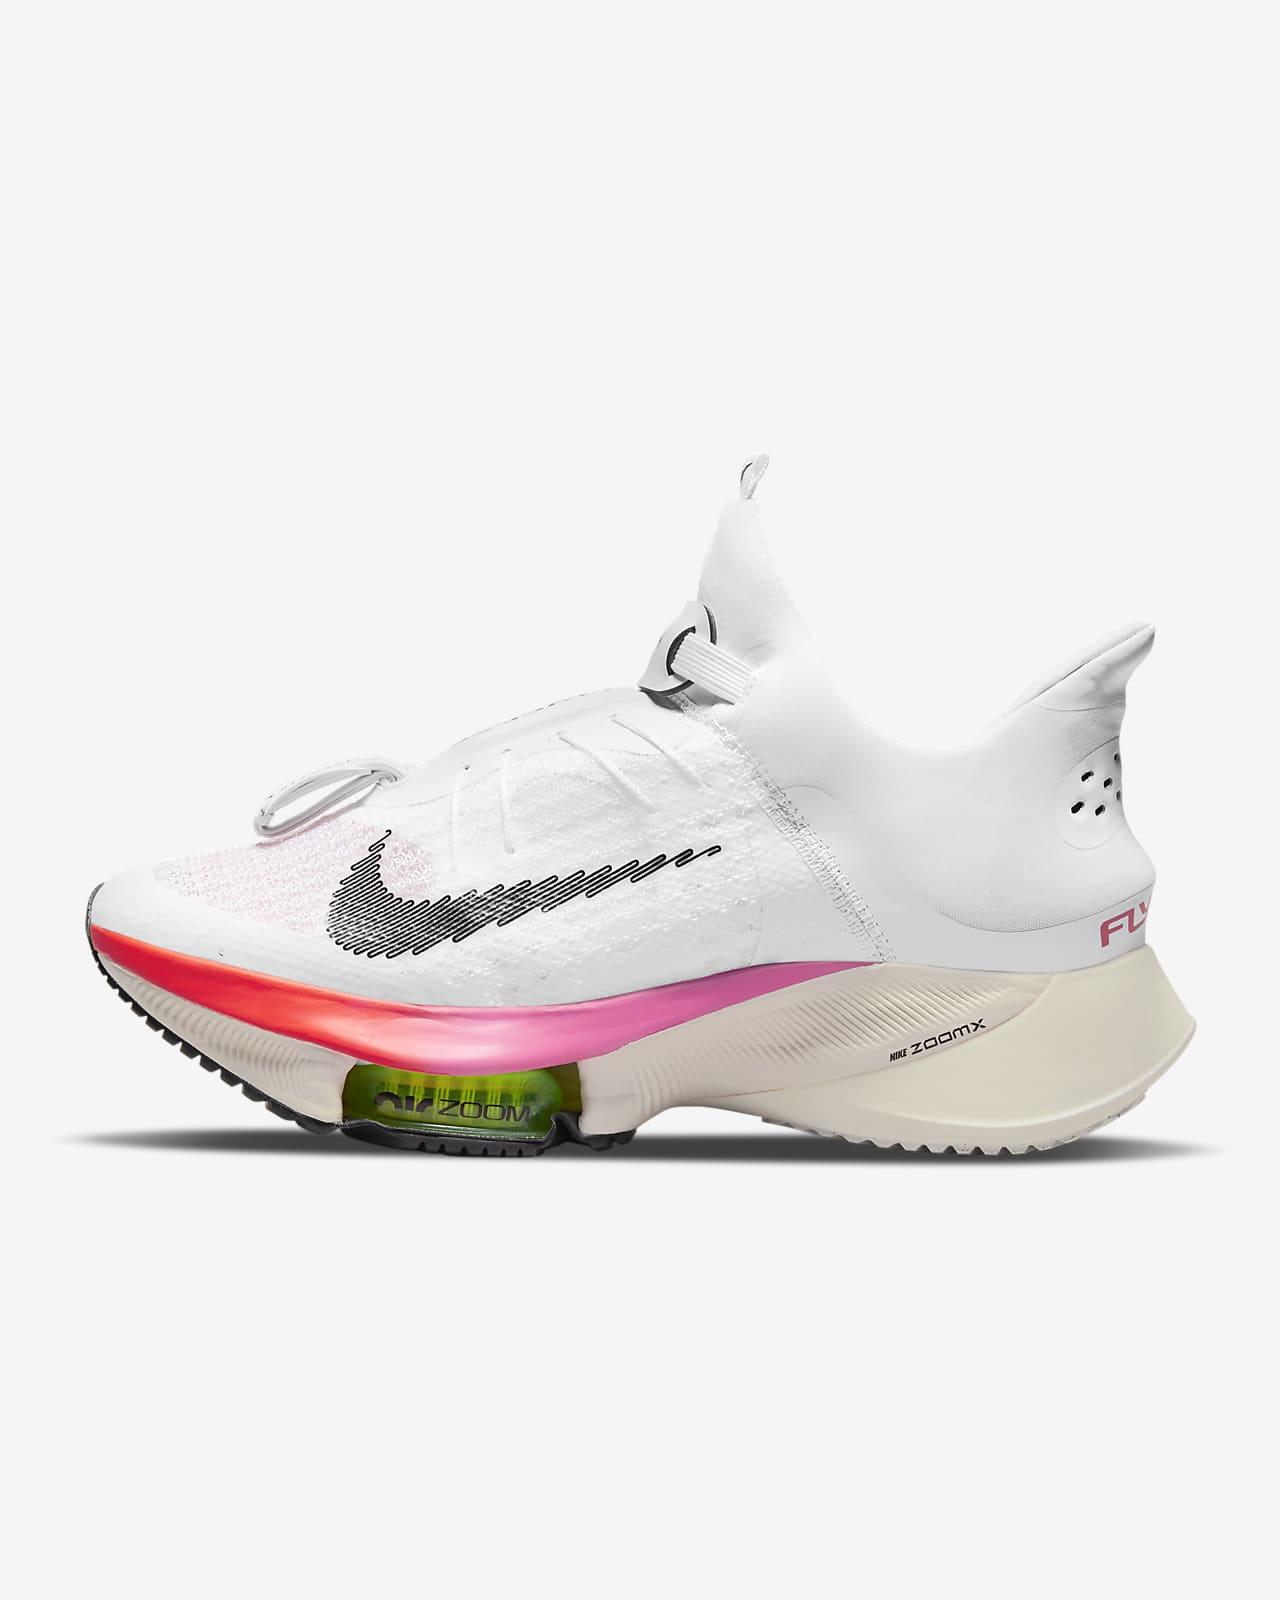 Calzado de running para carretera fácil de poner y quitar para mujer Nike Air Zoom Tempo Next% FlyEase